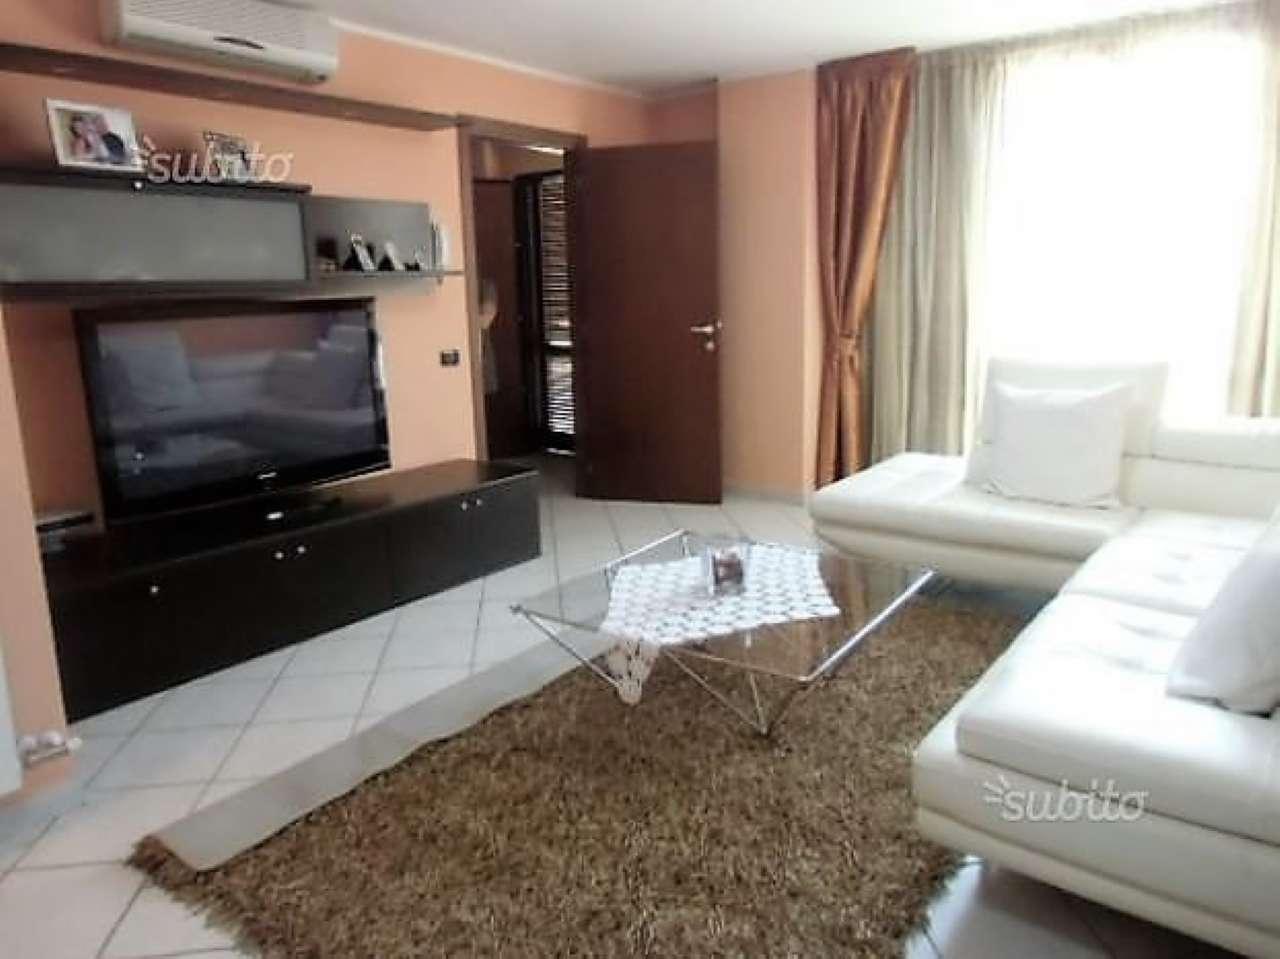 Soluzione Indipendente in vendita a Corbetta, 3 locali, prezzo € 159.000 | CambioCasa.it